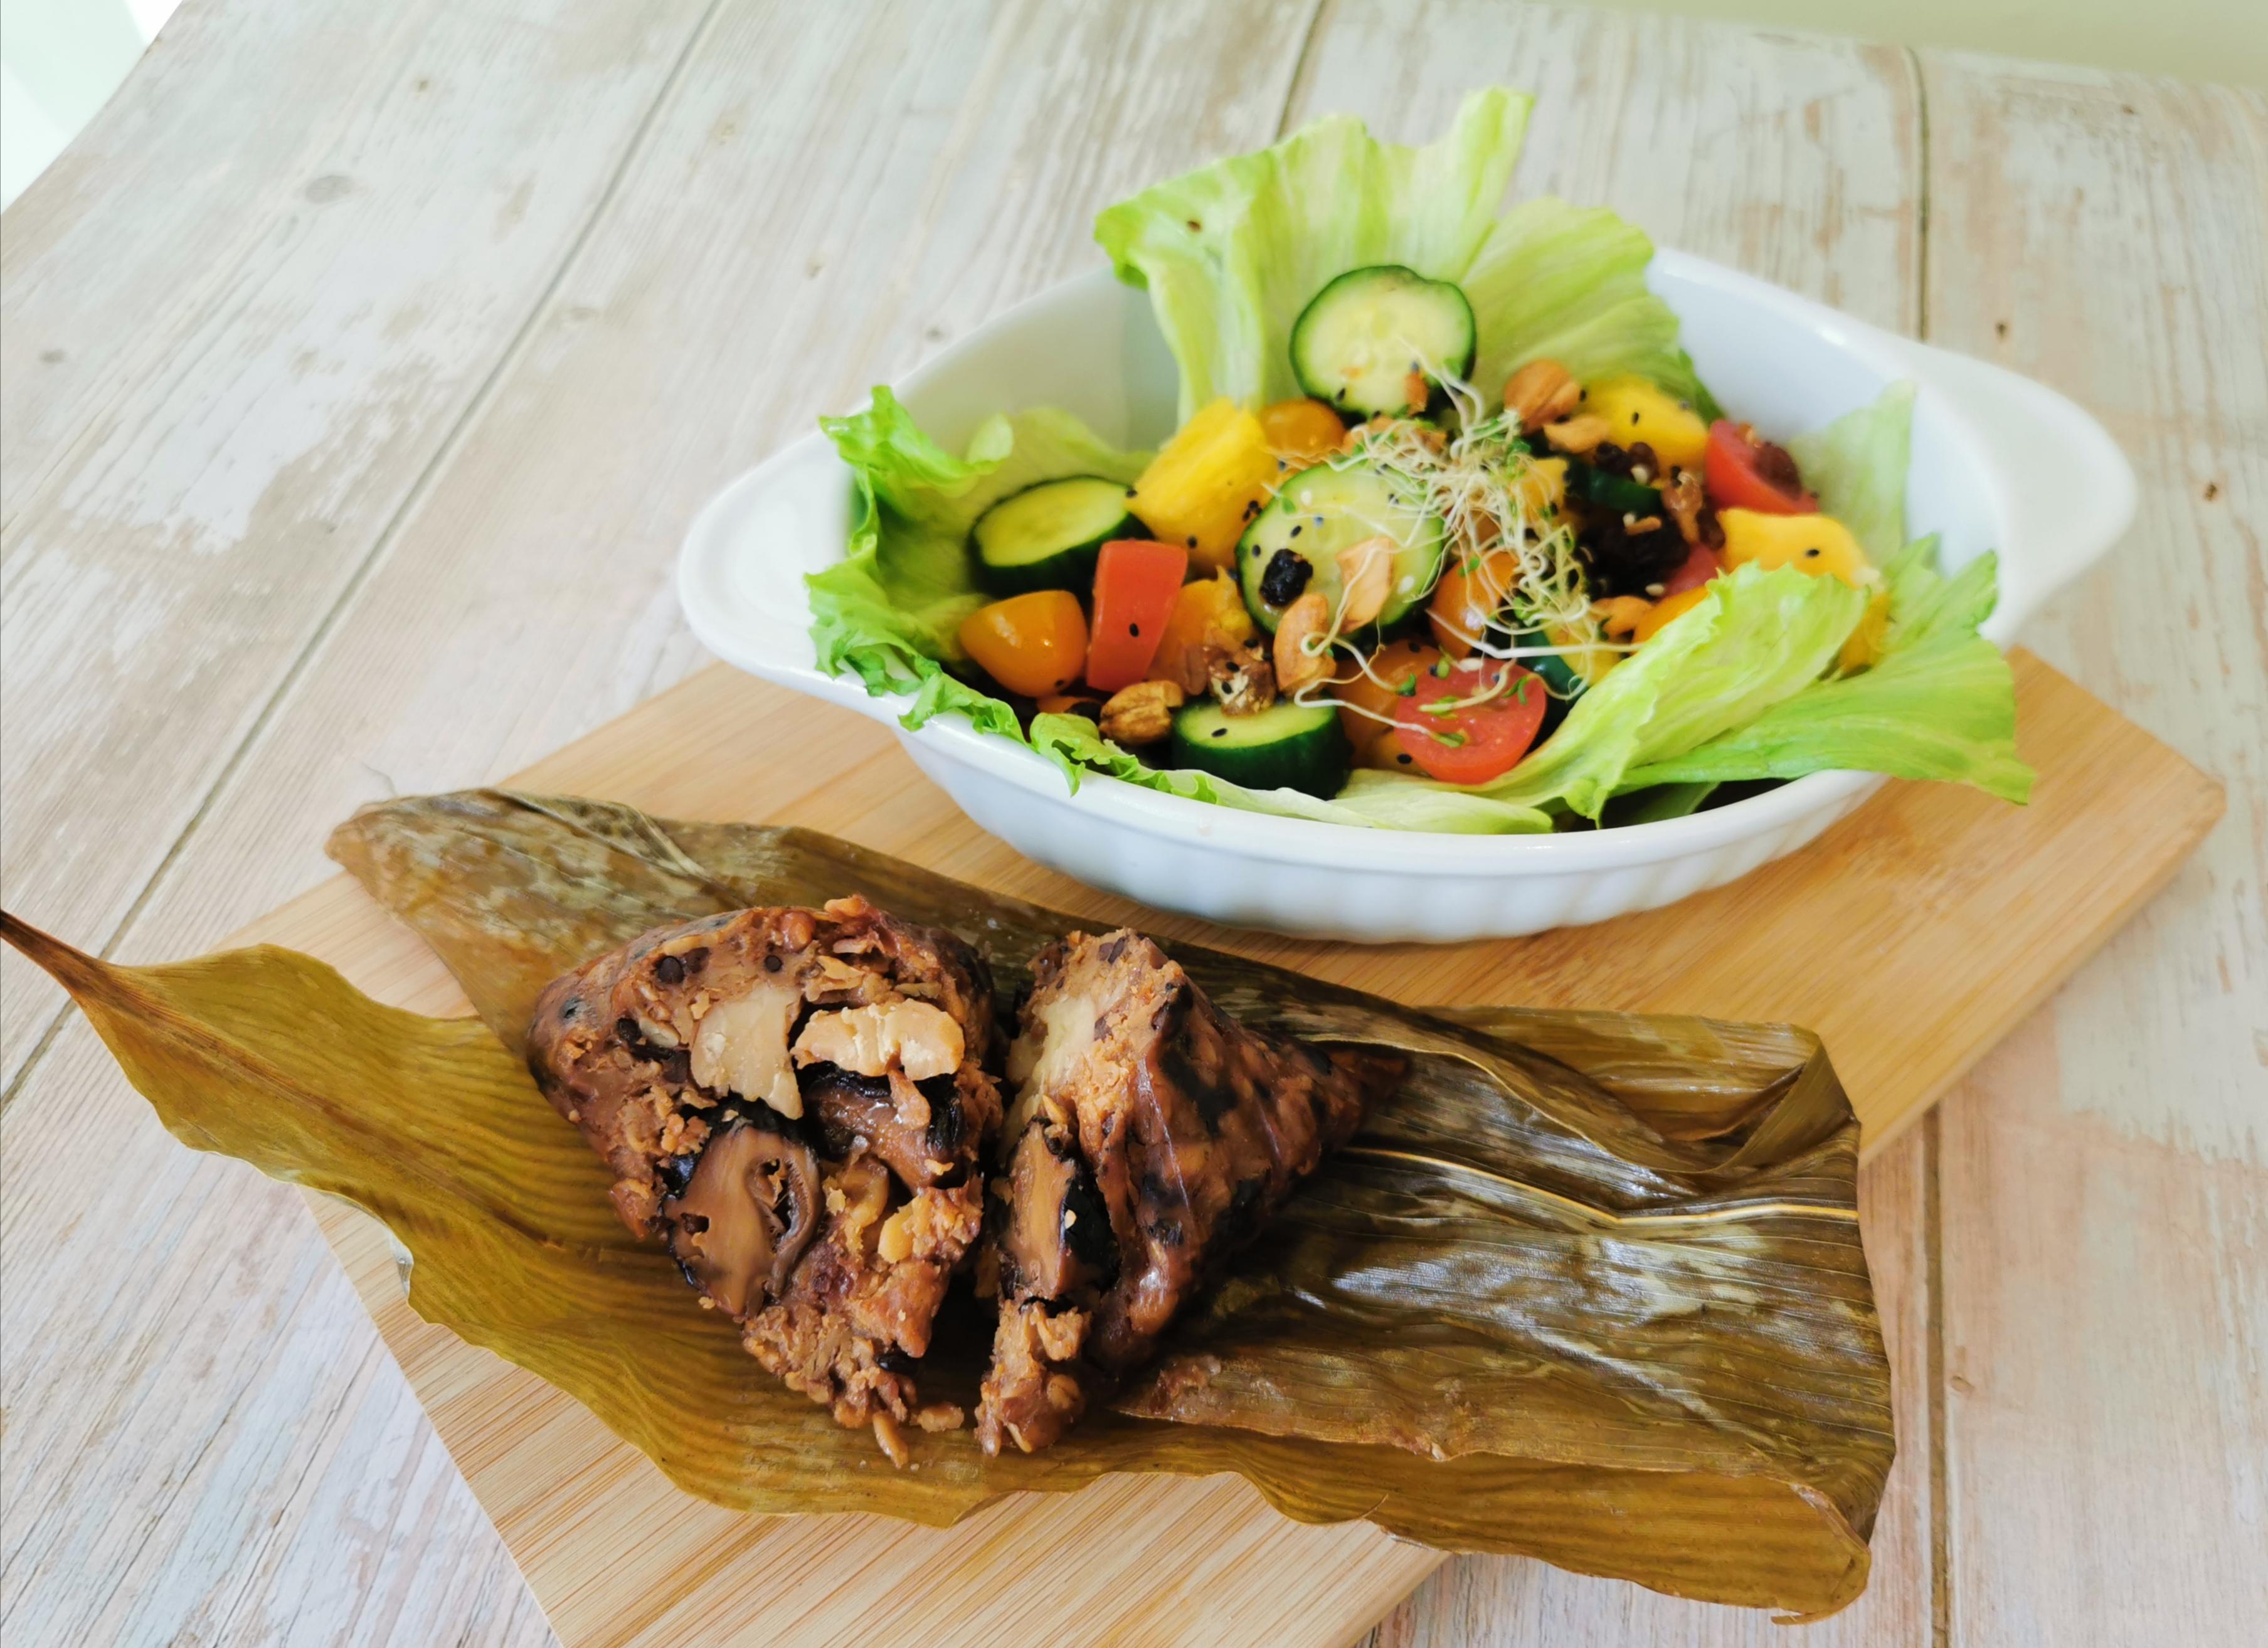 资深营养师黄诗雁表示,在品尝健康粽时,也建议搭配蔬果,以平衡一天所需要的营养。-黄诗雁提供-